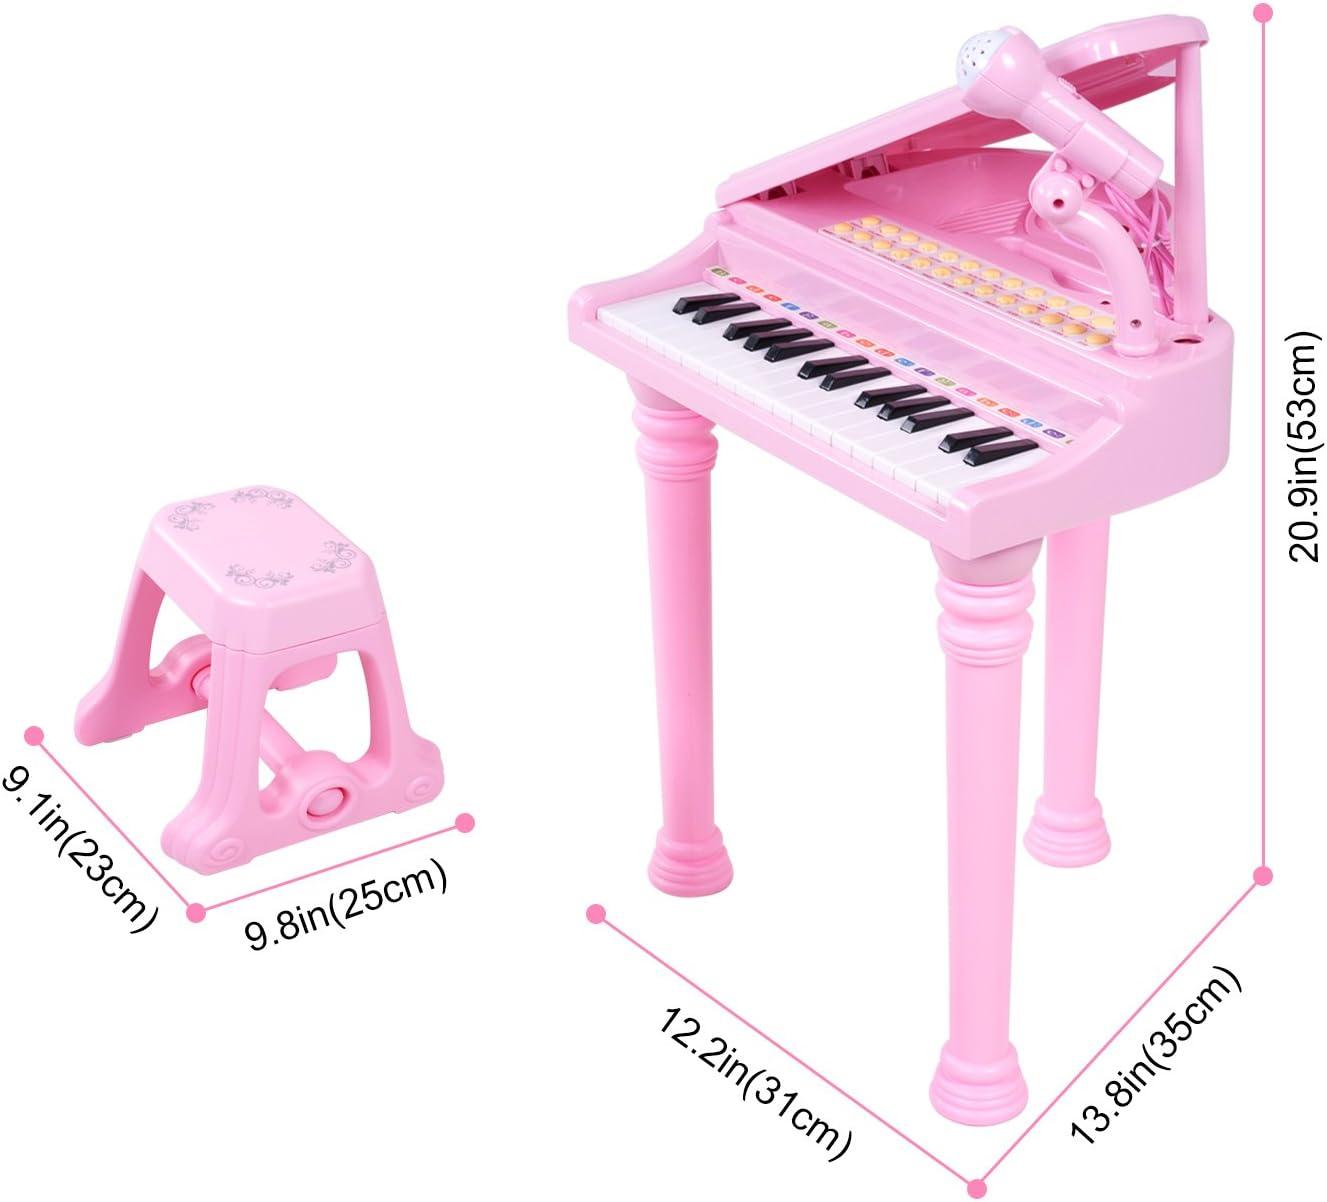 Jouets pour enfants Poupée Piano électronique bébé Musique